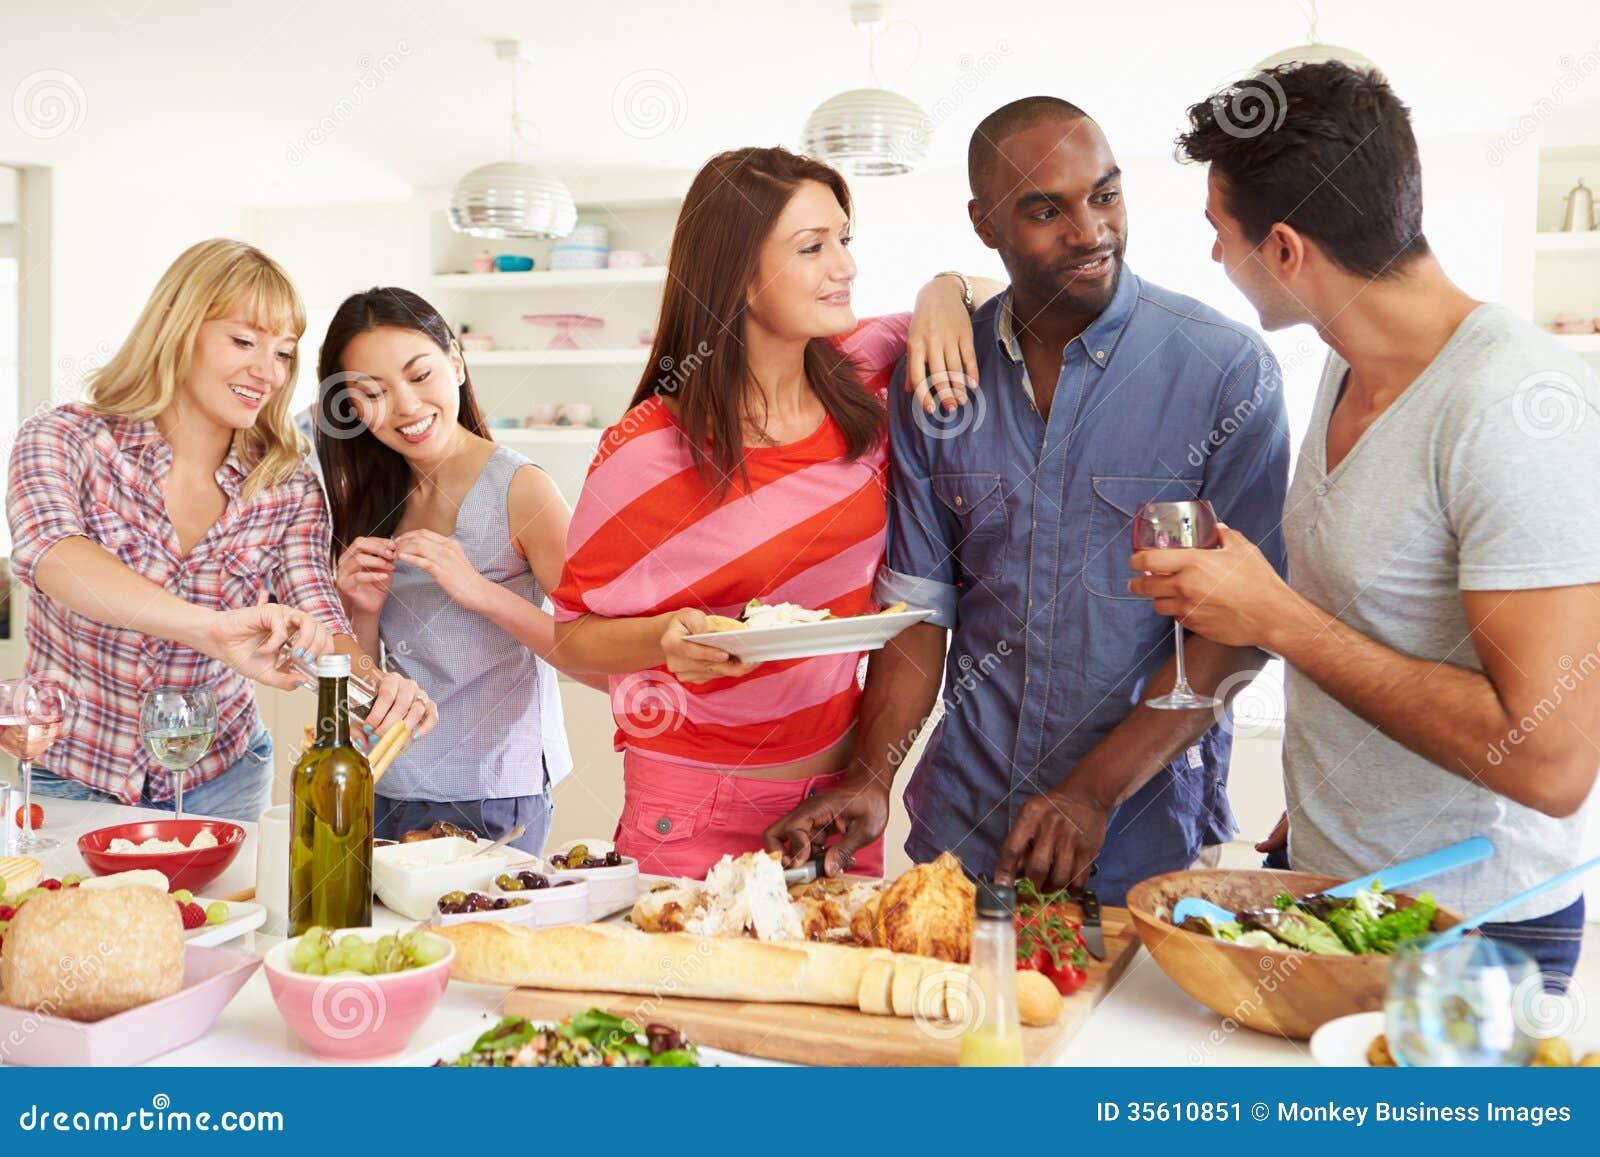 Ομάδα φίλων που έχουν το κόμμα γευμάτων στο σπίτι